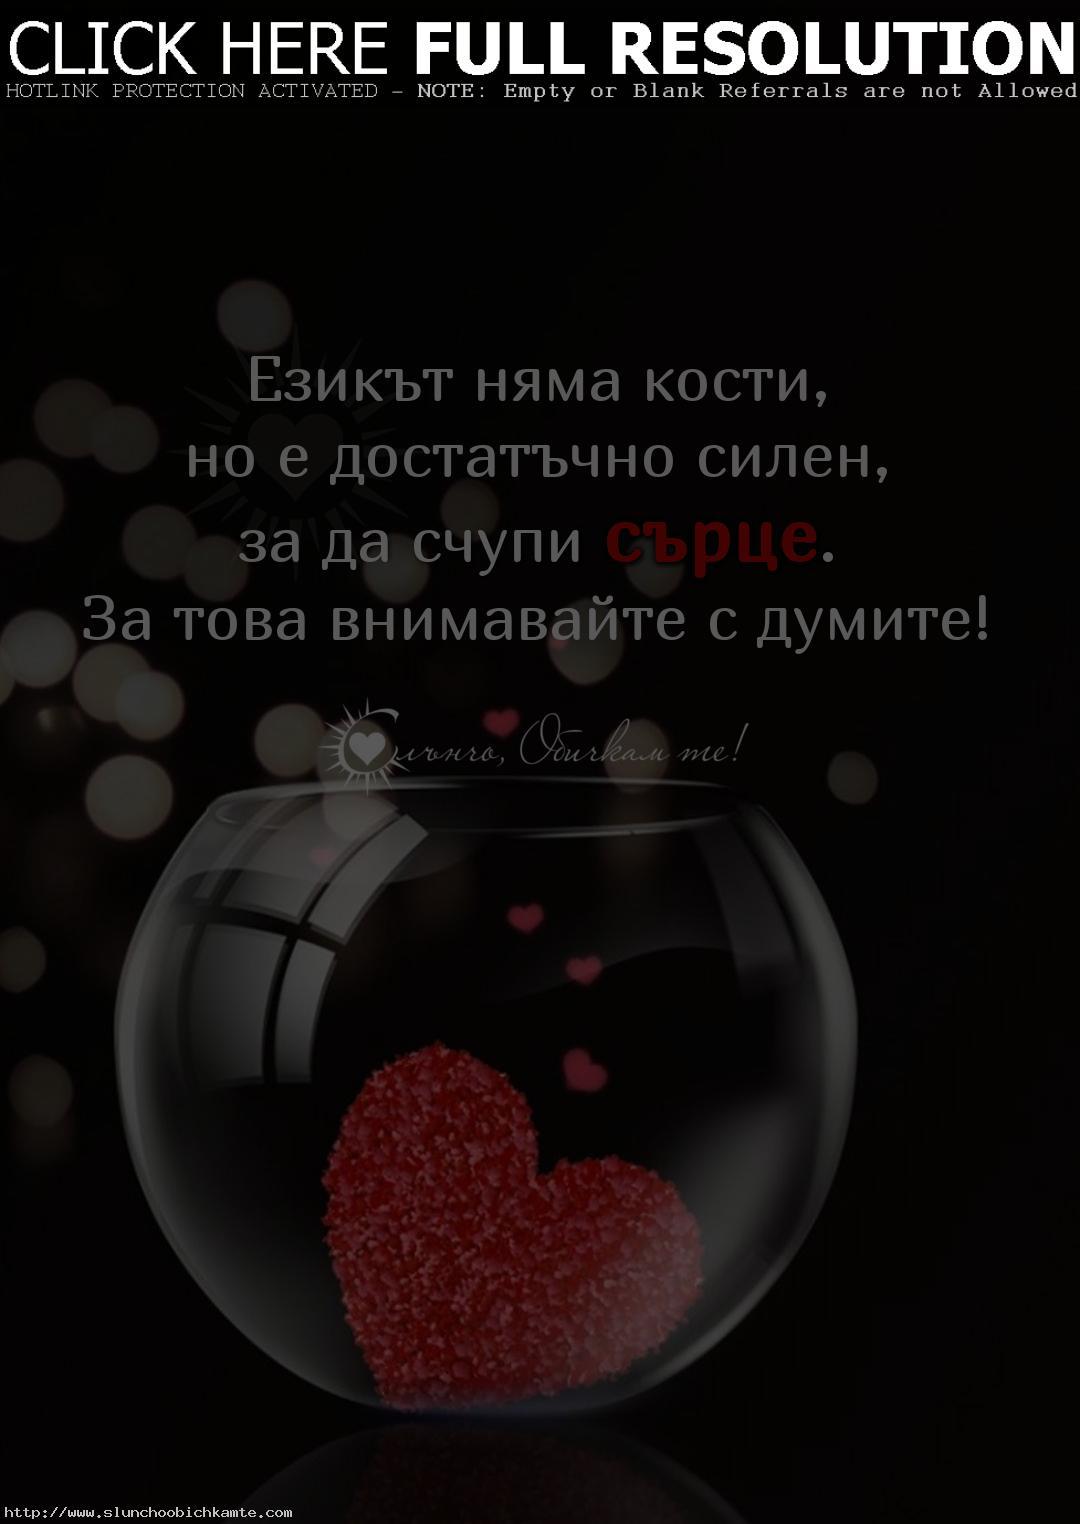 Езикът няма кости, но е достатъчно силен, за да счупи сърце. За това внимавайте с думите - Любов, език, сърце, любовни мисли, любовни статуси, любовни цитати, любовни фрази